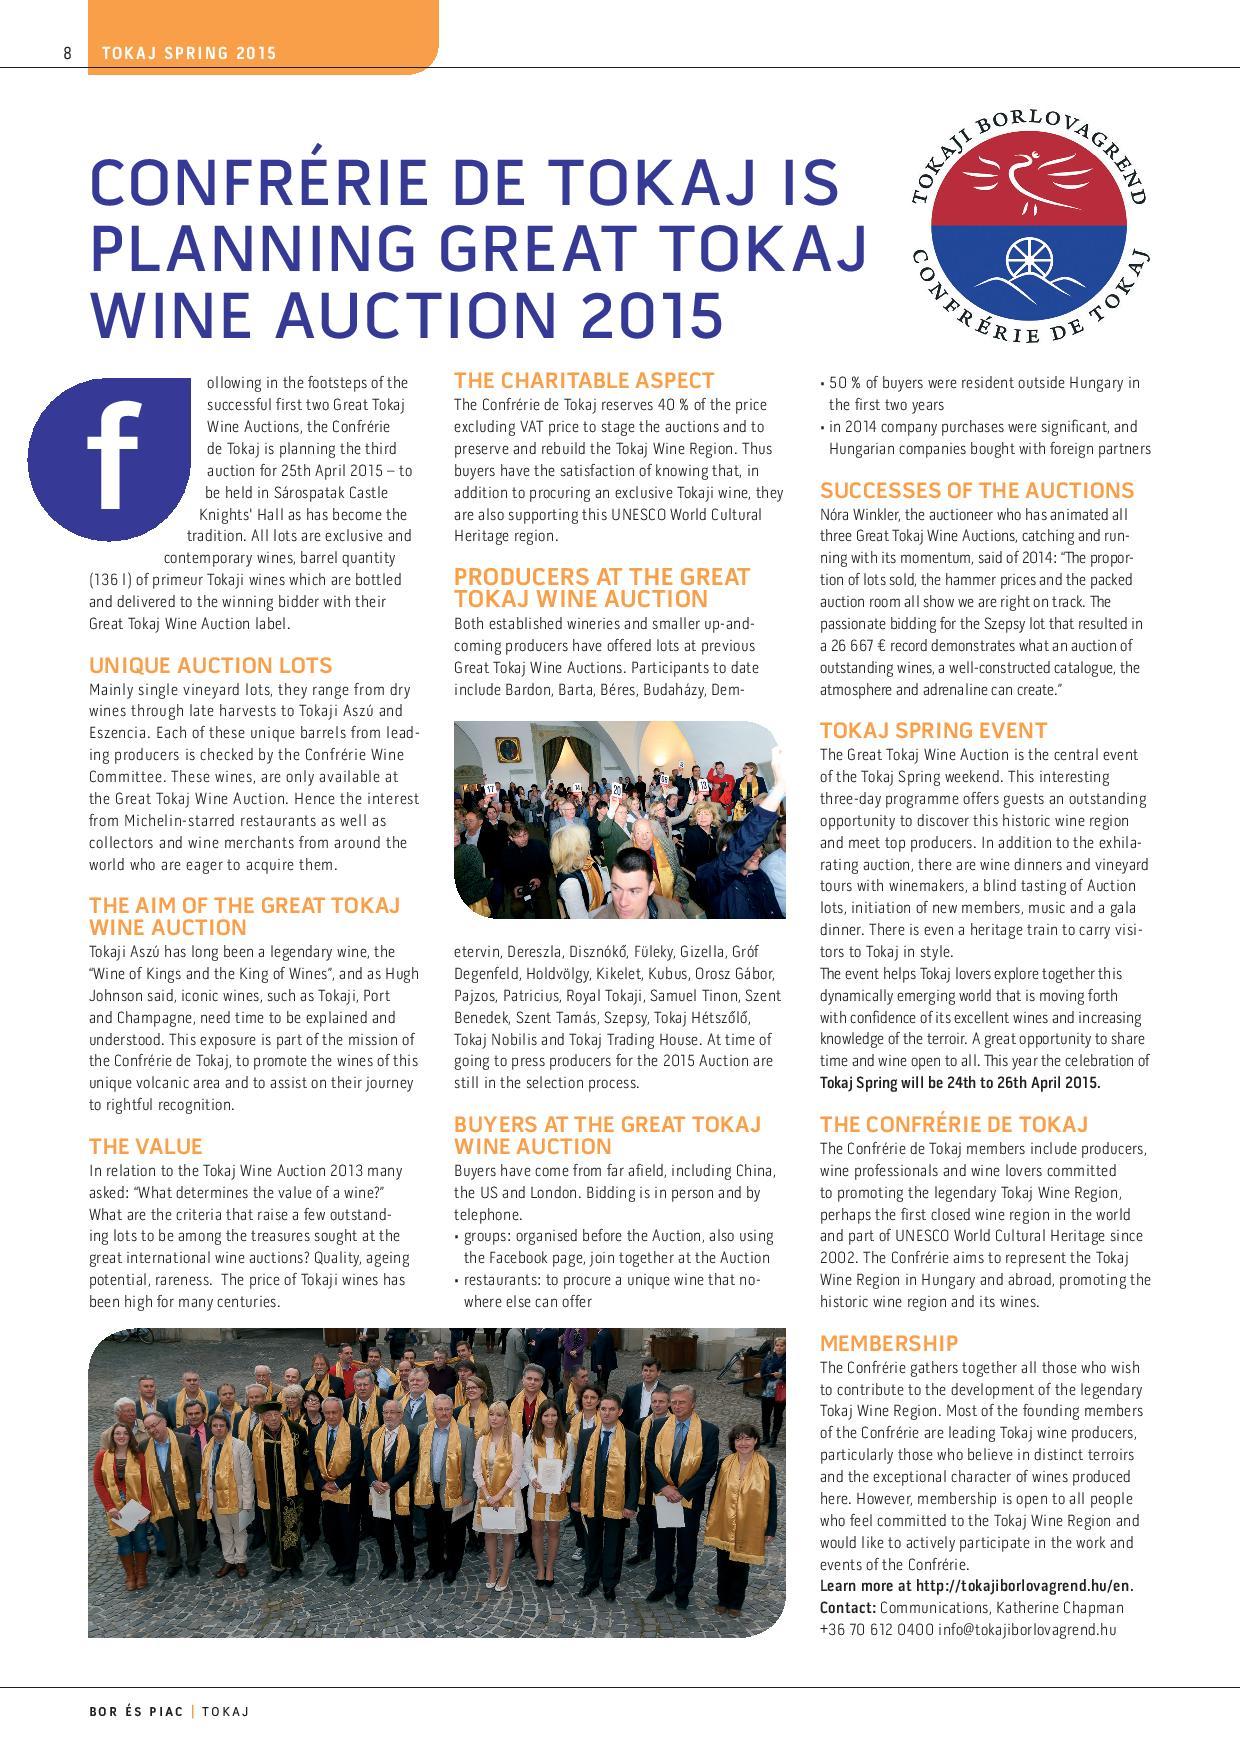 Confrerie auction bor es piac